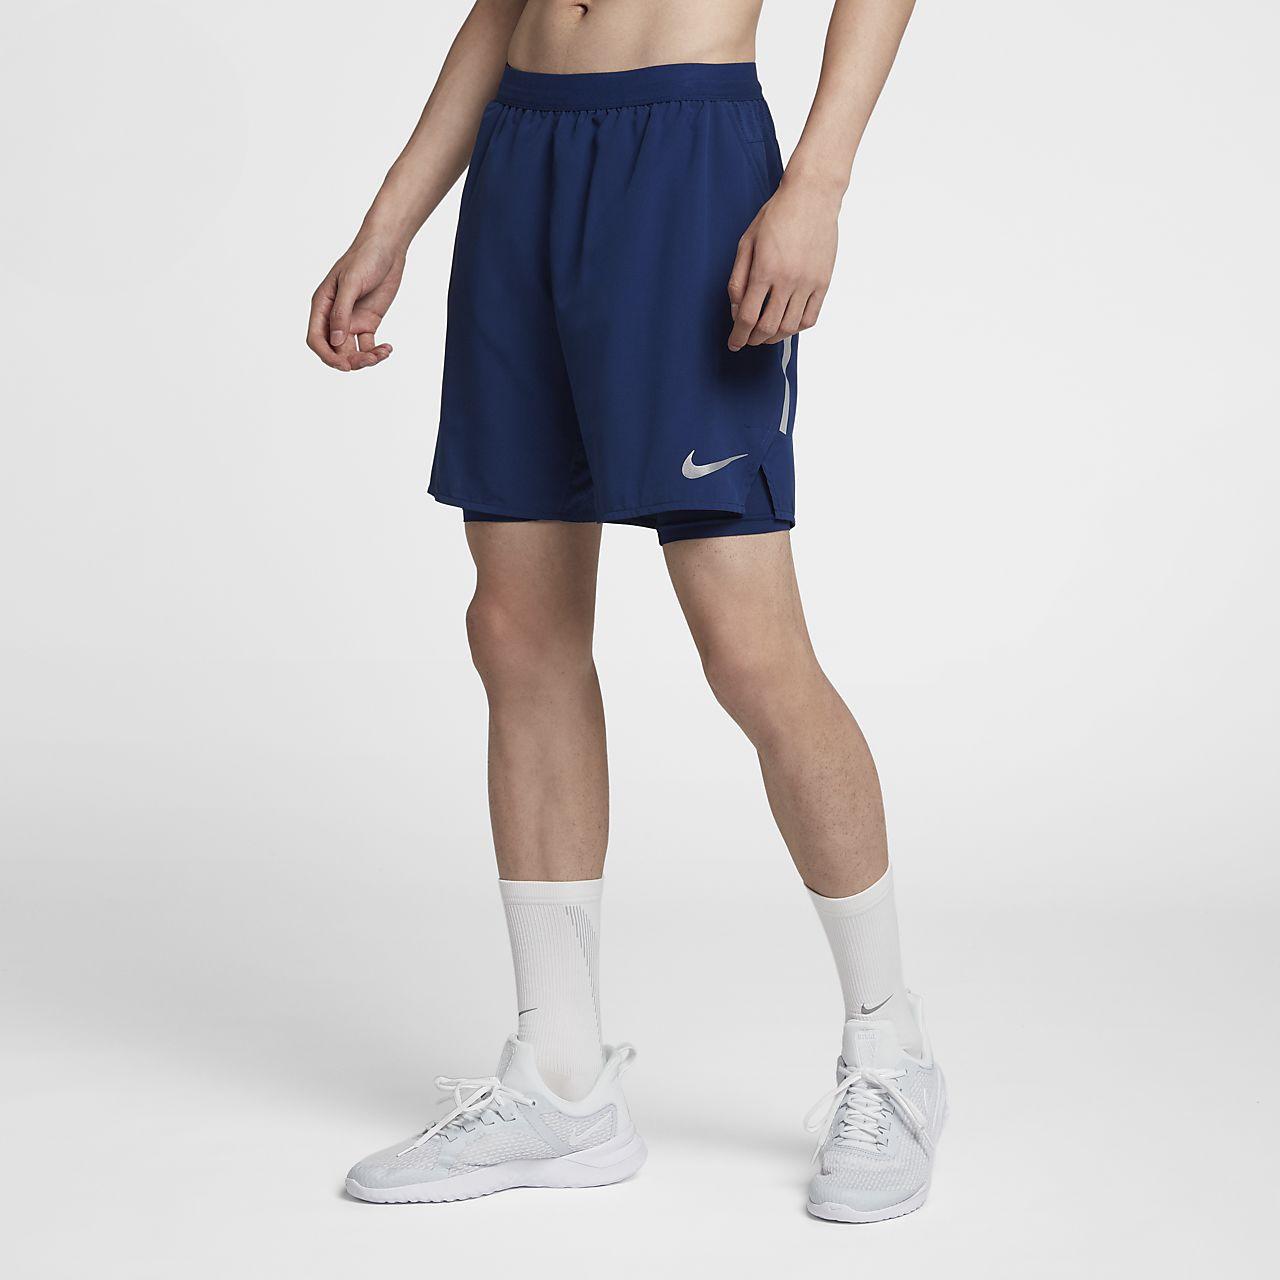 กางเกงวิ่งขาสั้น 7 นิ้วผู้ชาย Nike Distance 2-in-1